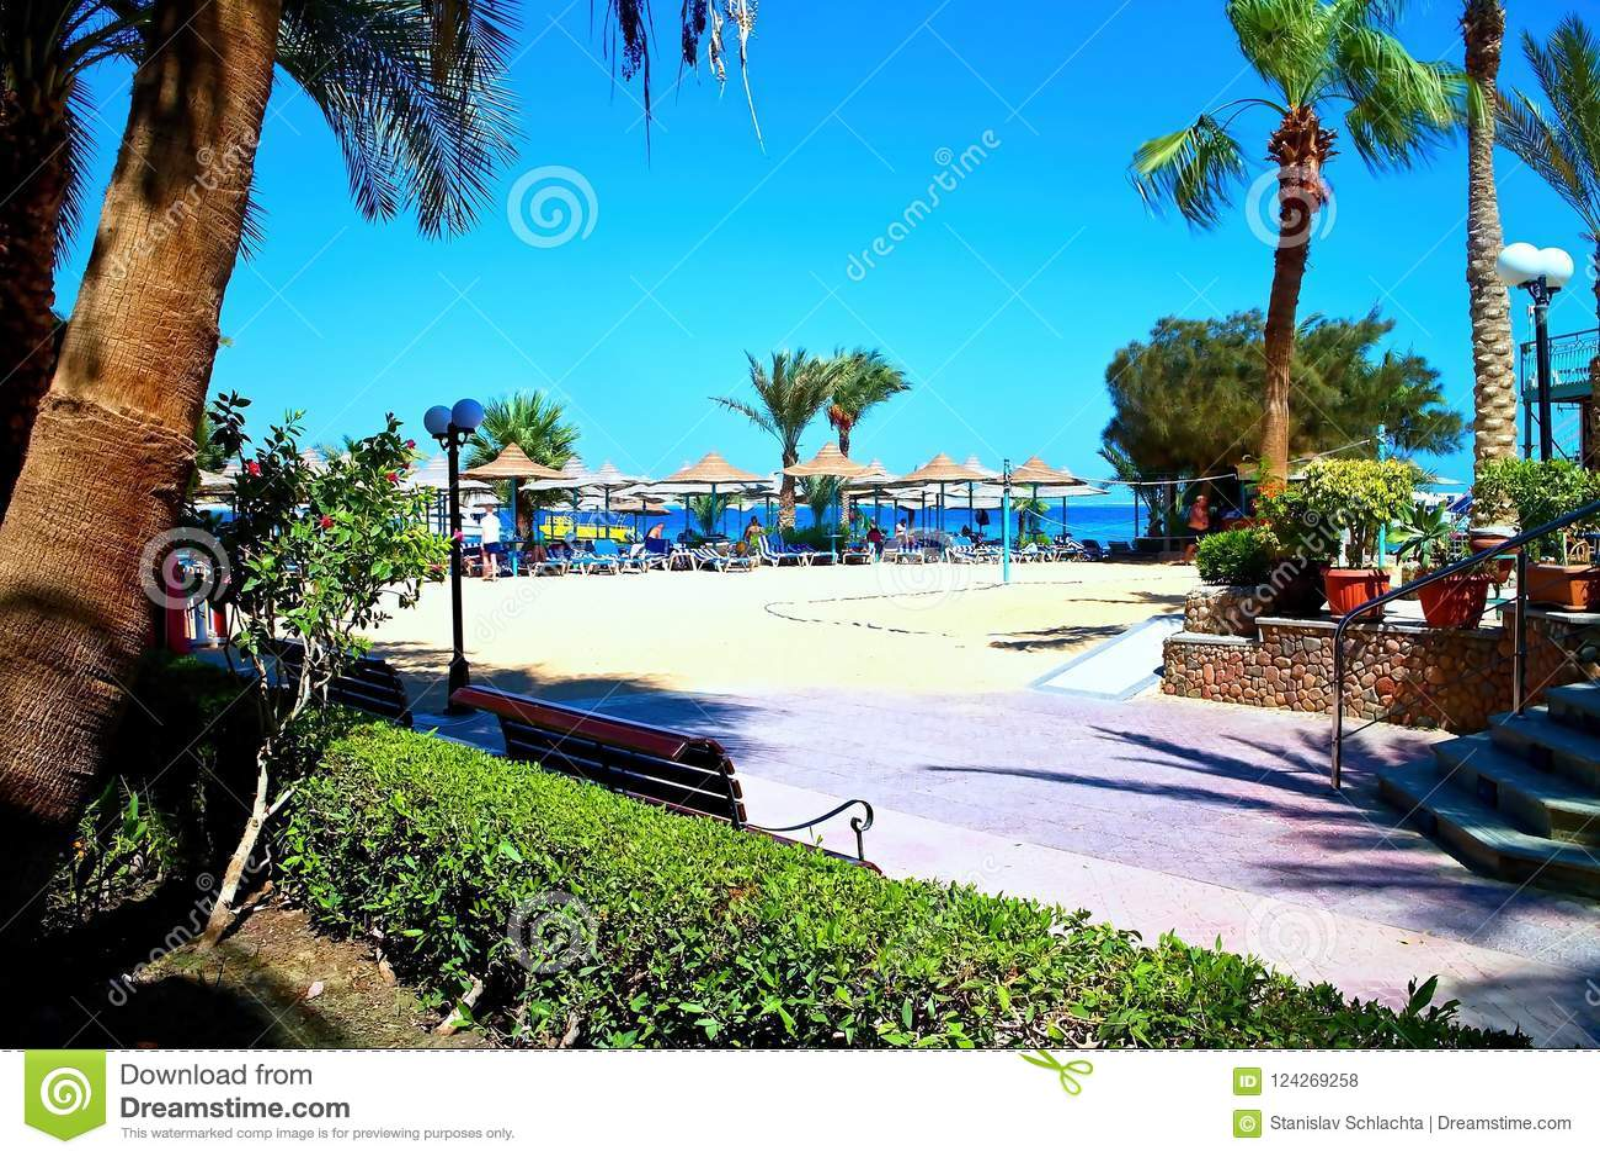 Bella Vista Resort - Strand mit heißem Sand, gutem Wetter und vielen Sonnenruhesesseln und -sonnenschirmen